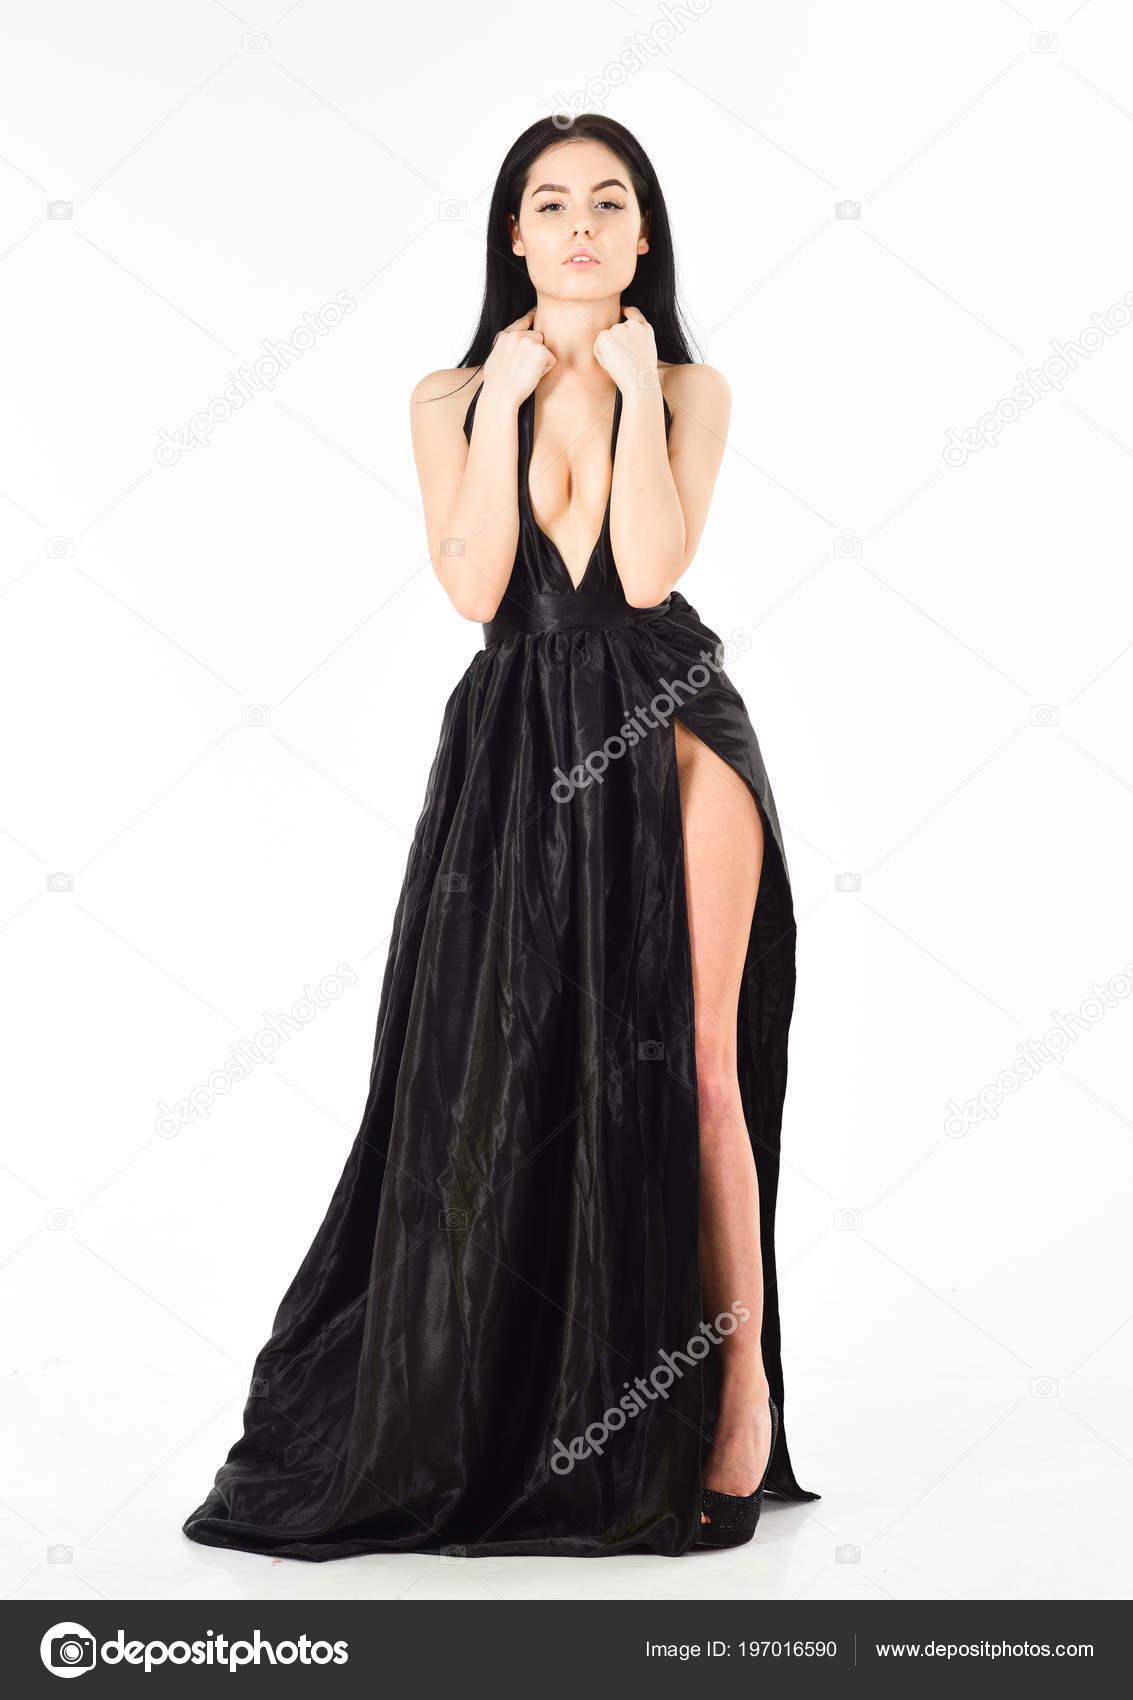 seksualnoe-erotika-dekolte-parni-podglyadivayut-v-okno-obshestvennoy-bani